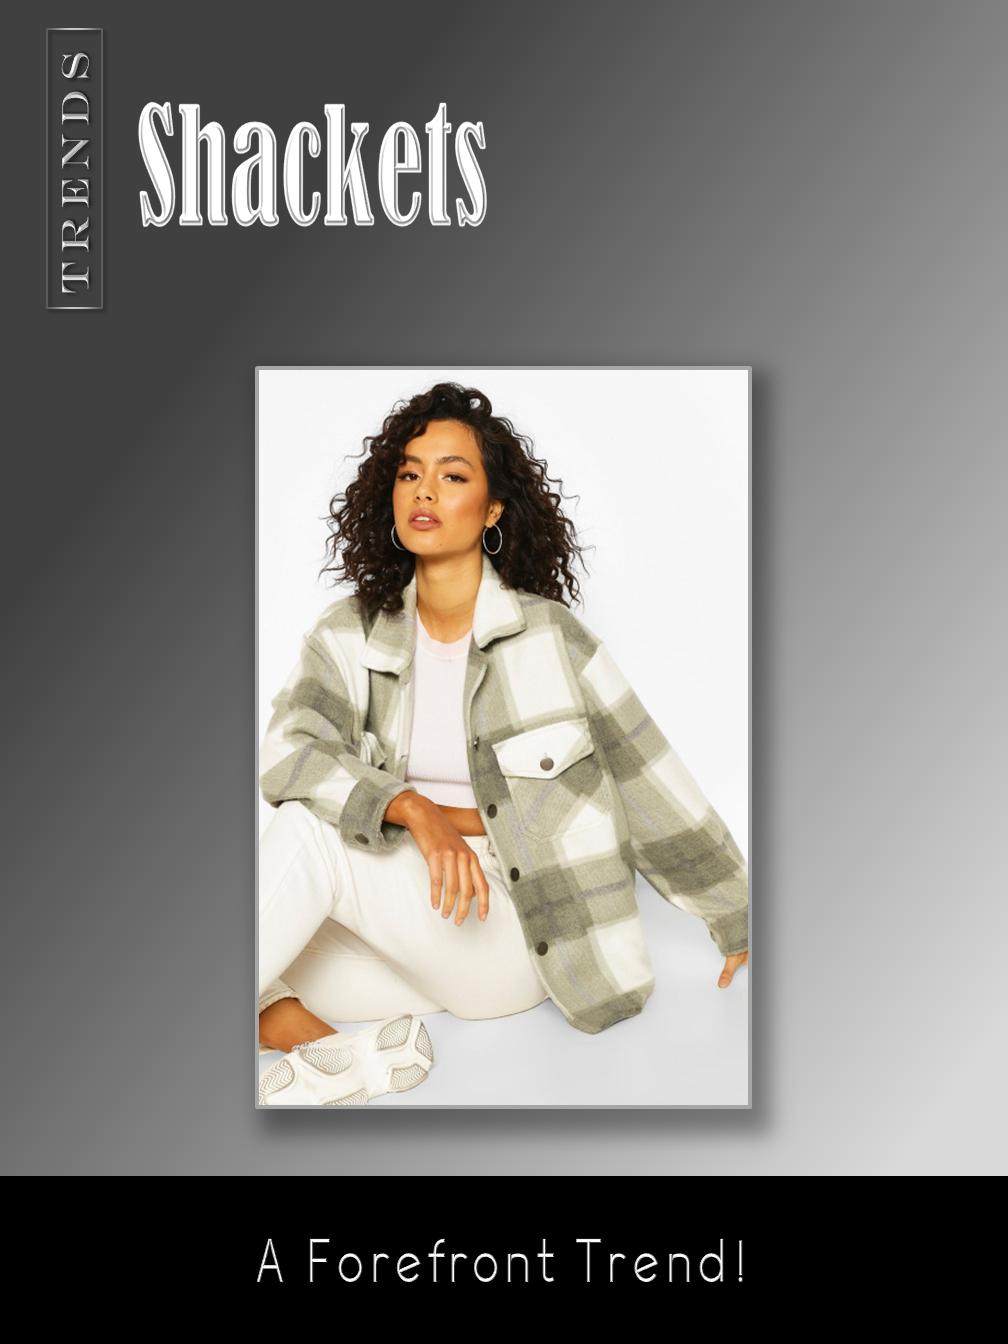 Shackets